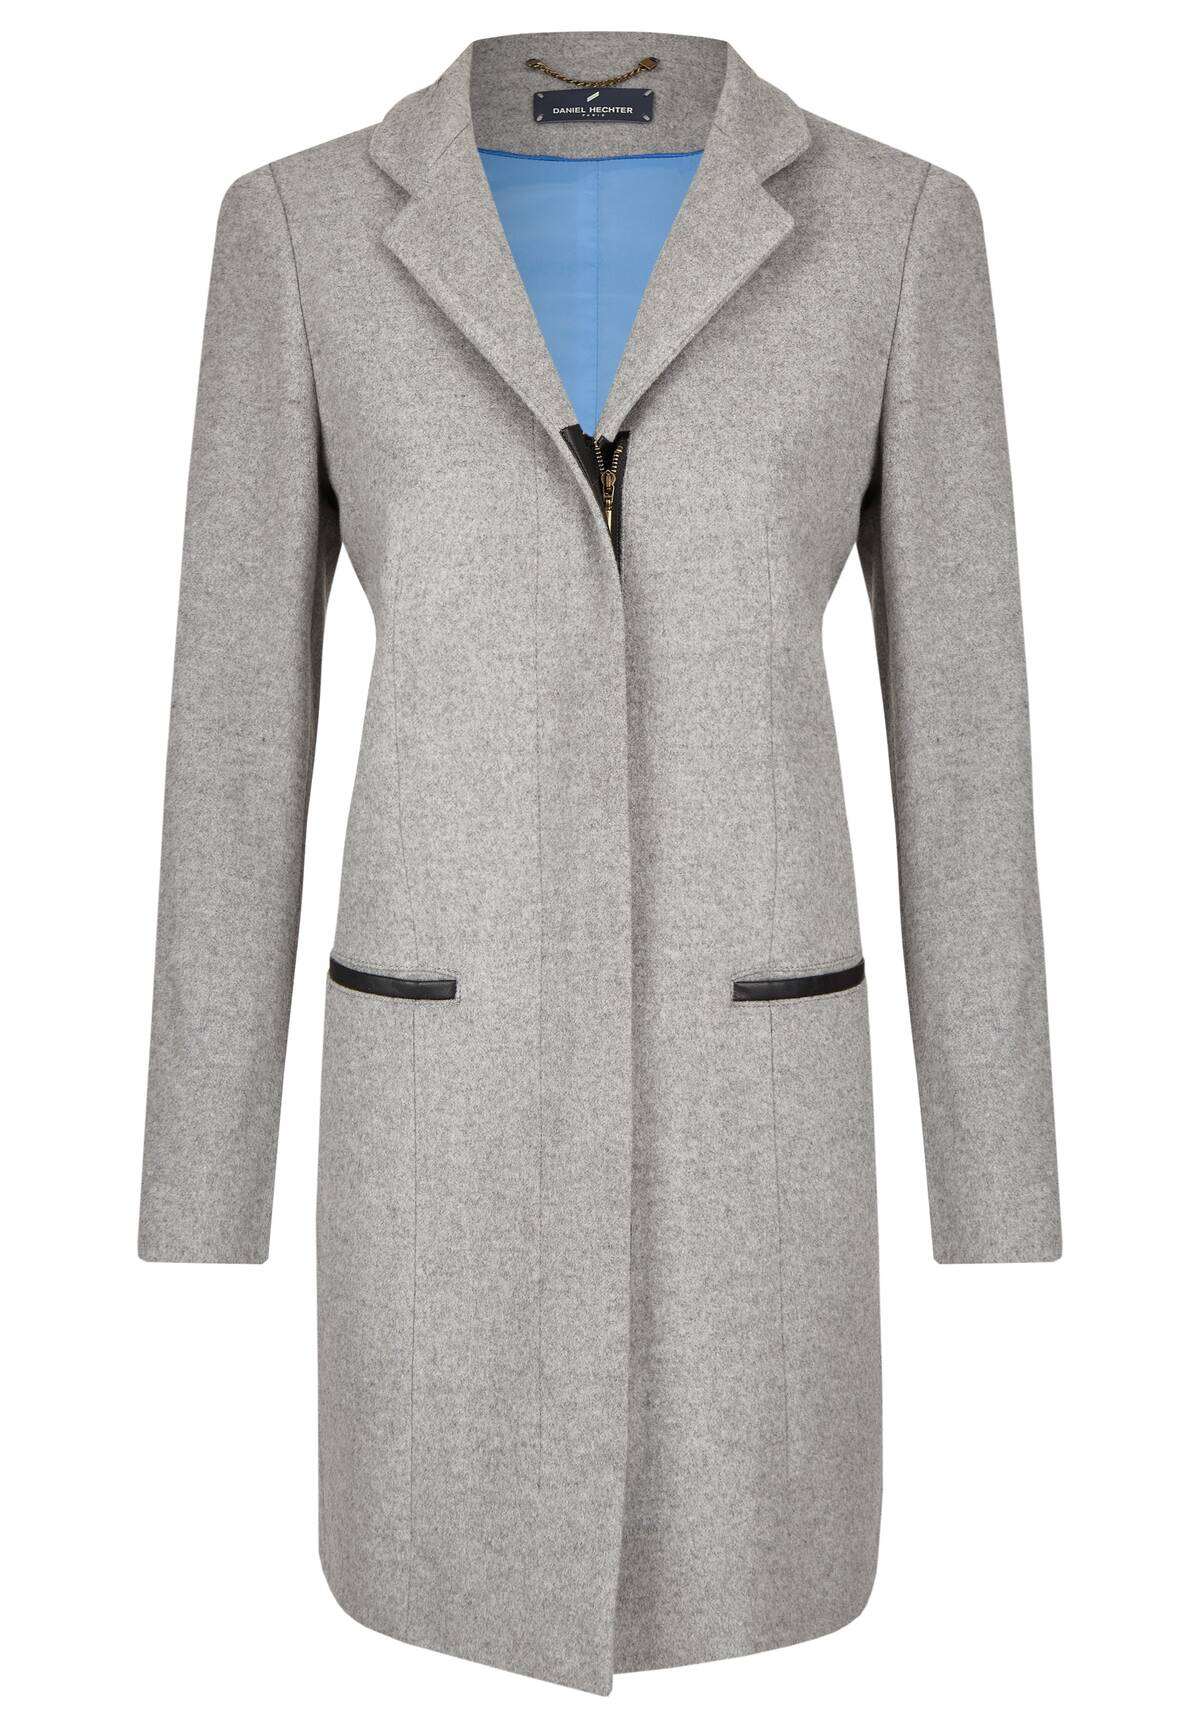 Manteau cintré /